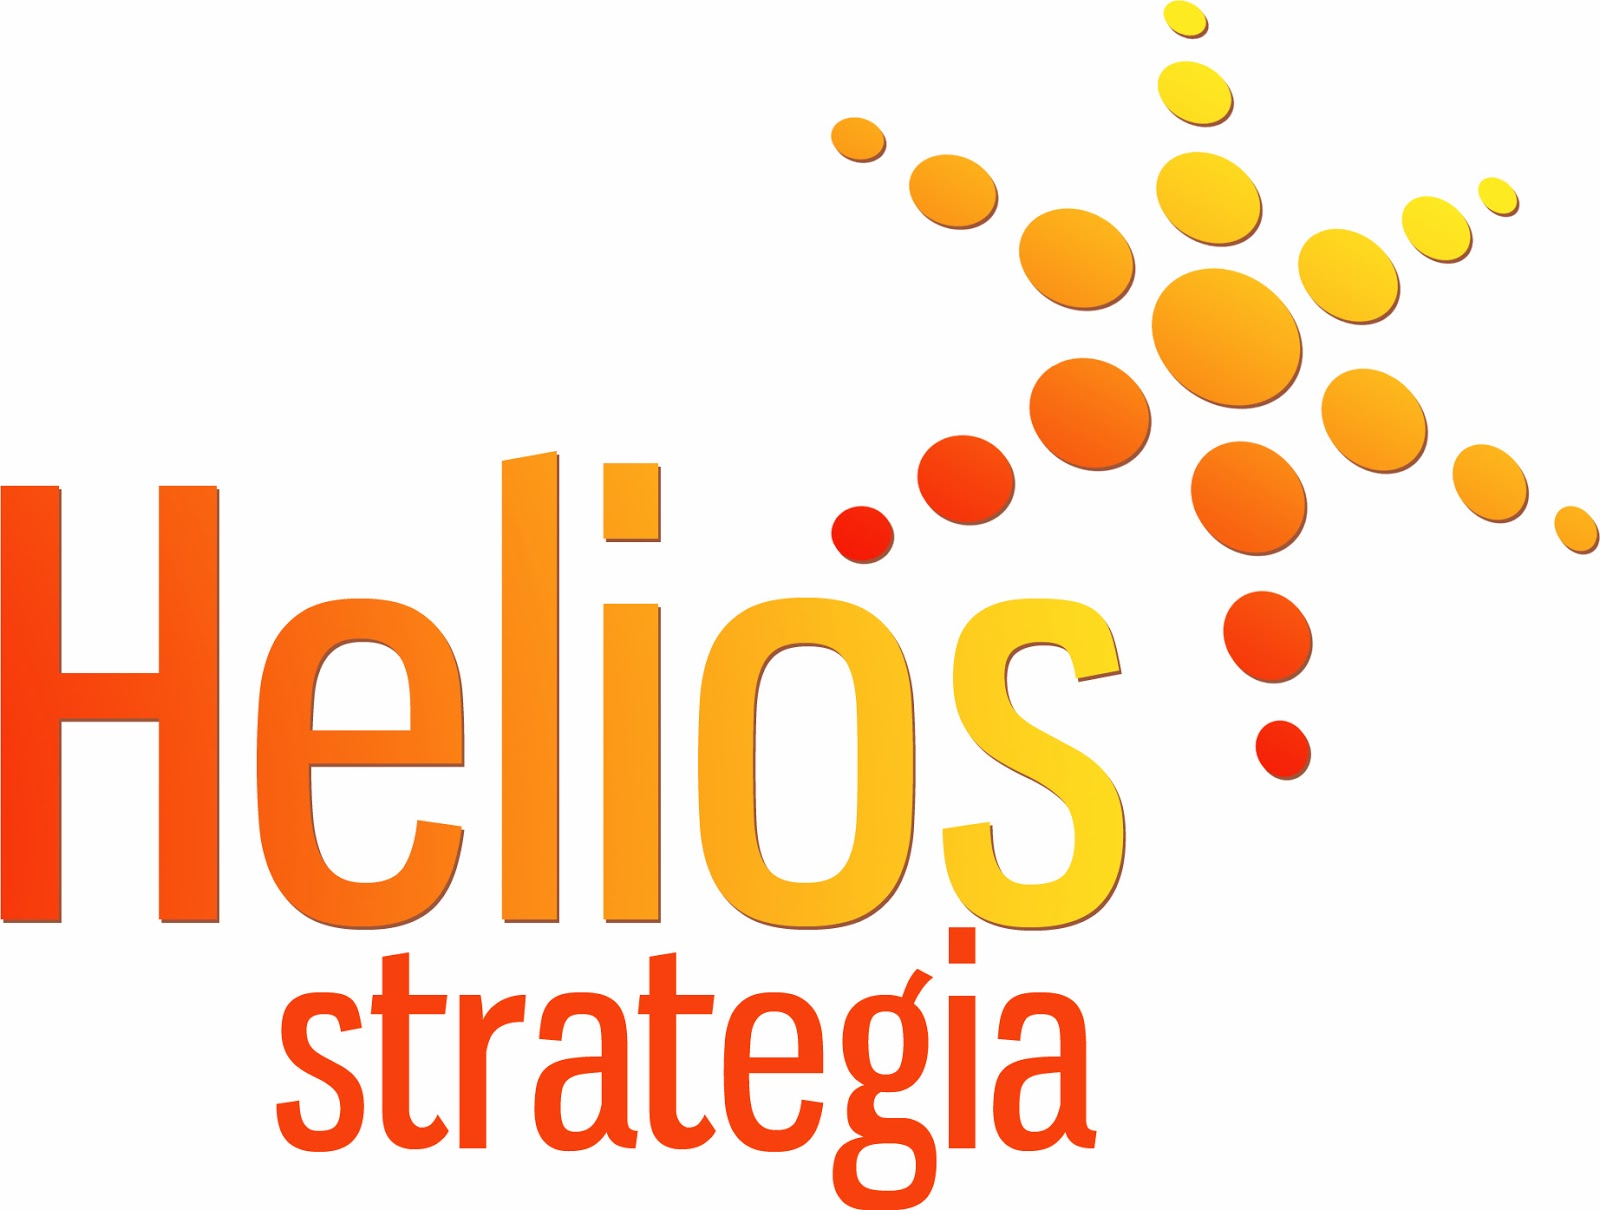 helios strategia est un des leaders europ u00e9ens dans le conseil  la conception et la distribution